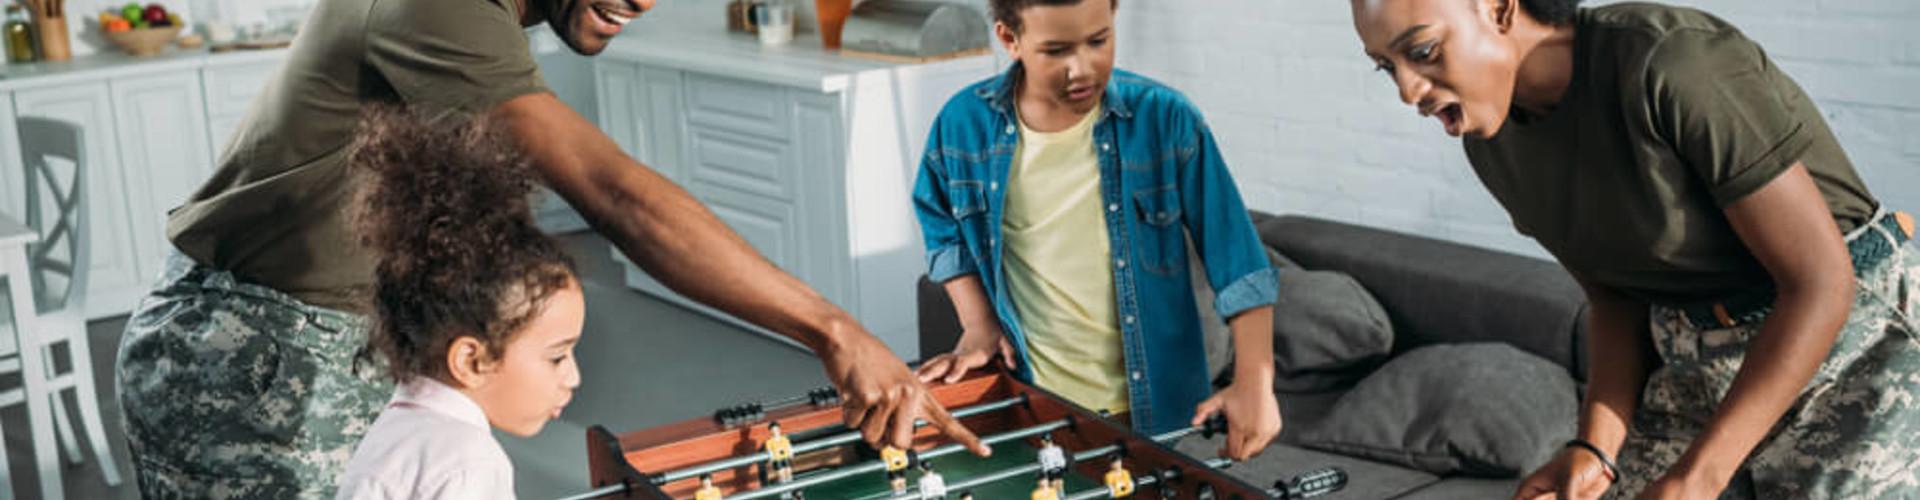 Waar op letten bij de aankoop van een voetbaltafel voor kinderen?